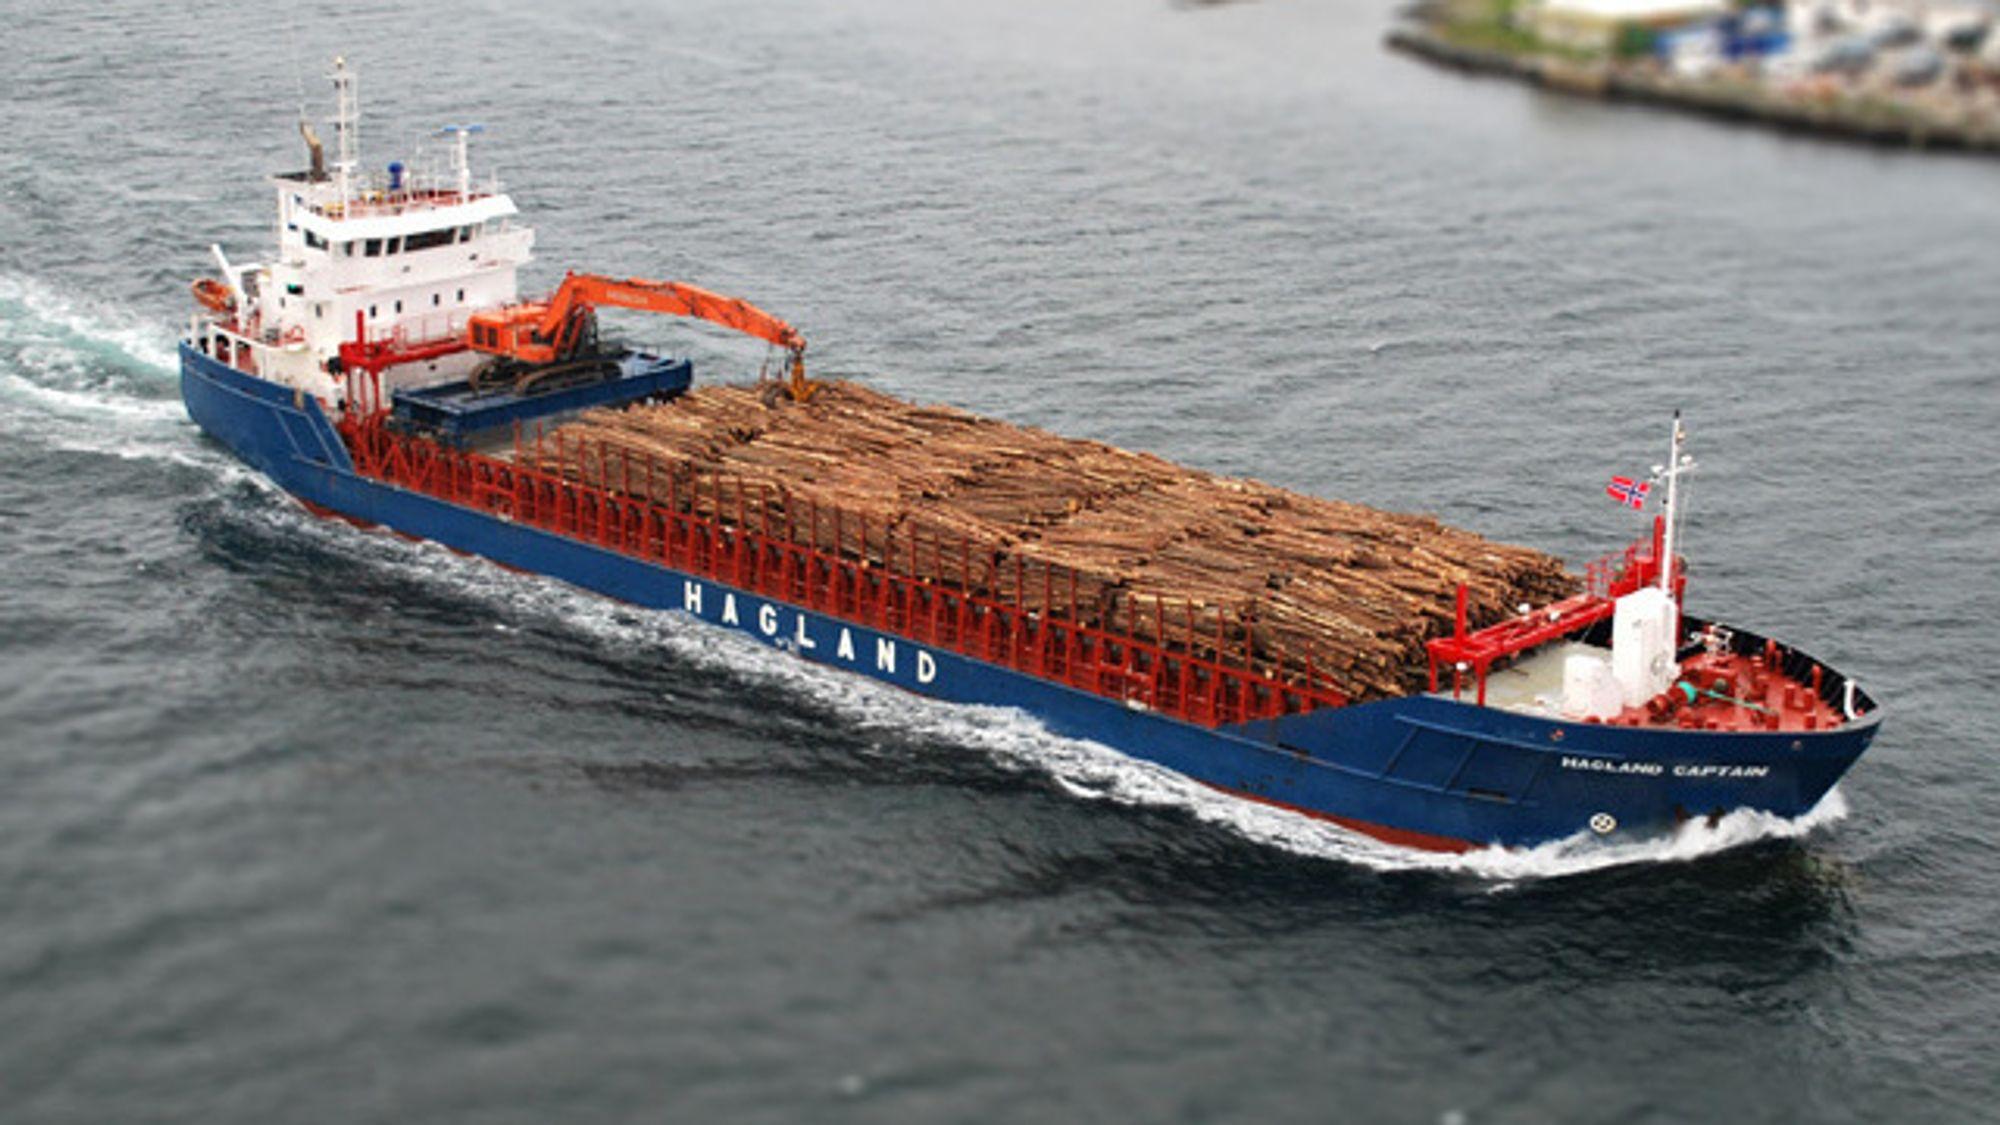 Bulkskipet Hagland Captain bygges om, får store batteripakker og forbereder motorene for biodiesel.